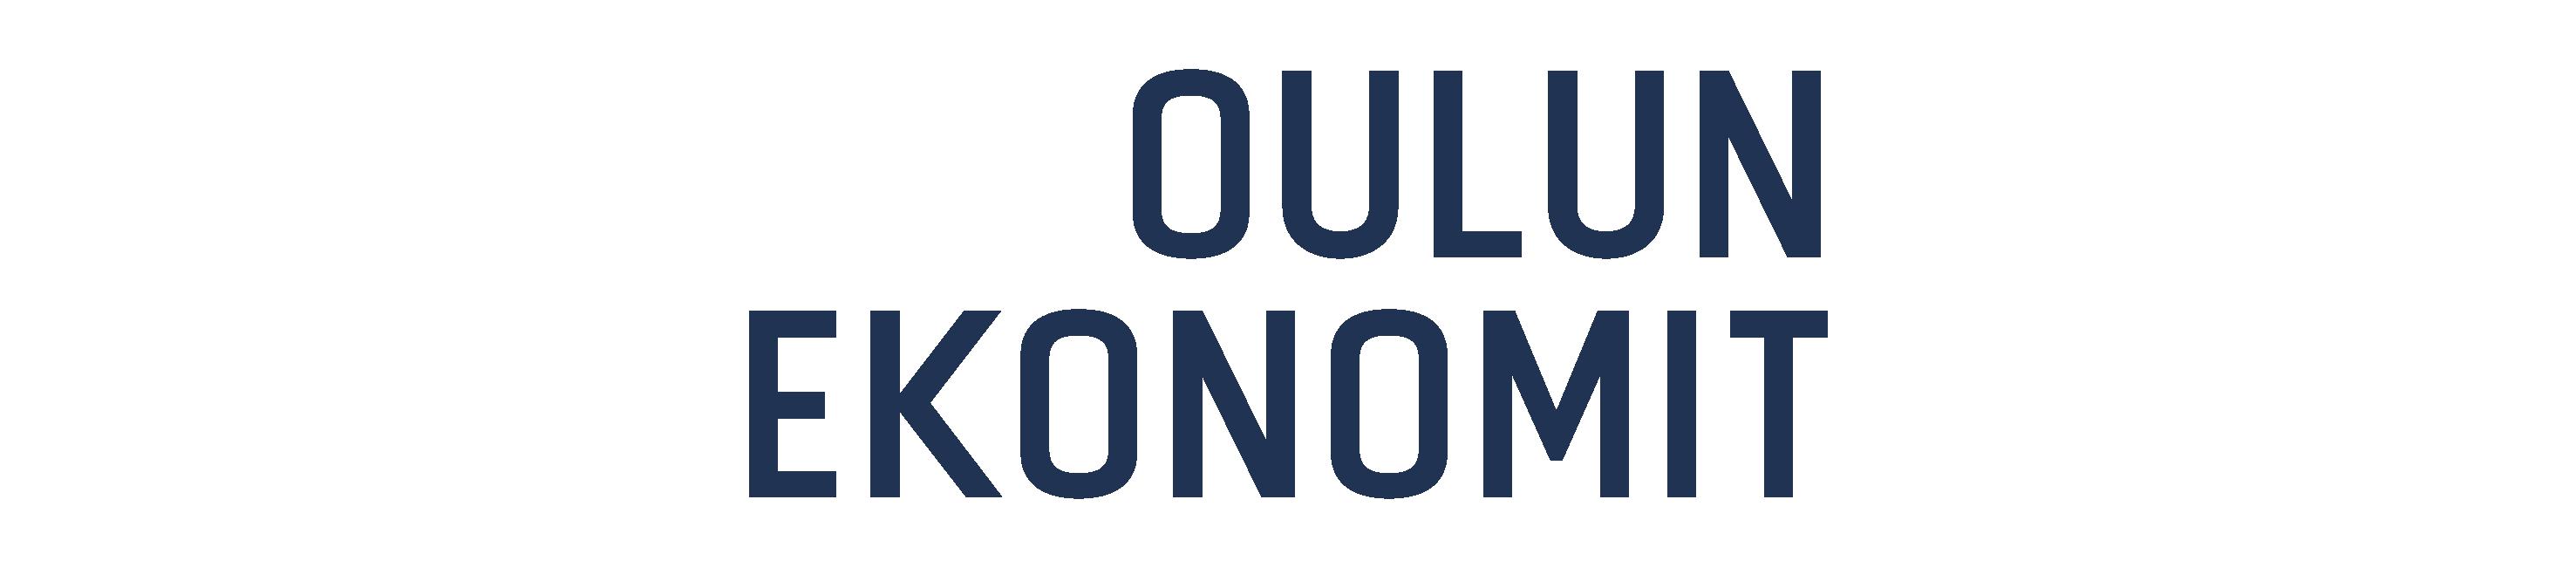 Oulun Ekonomit